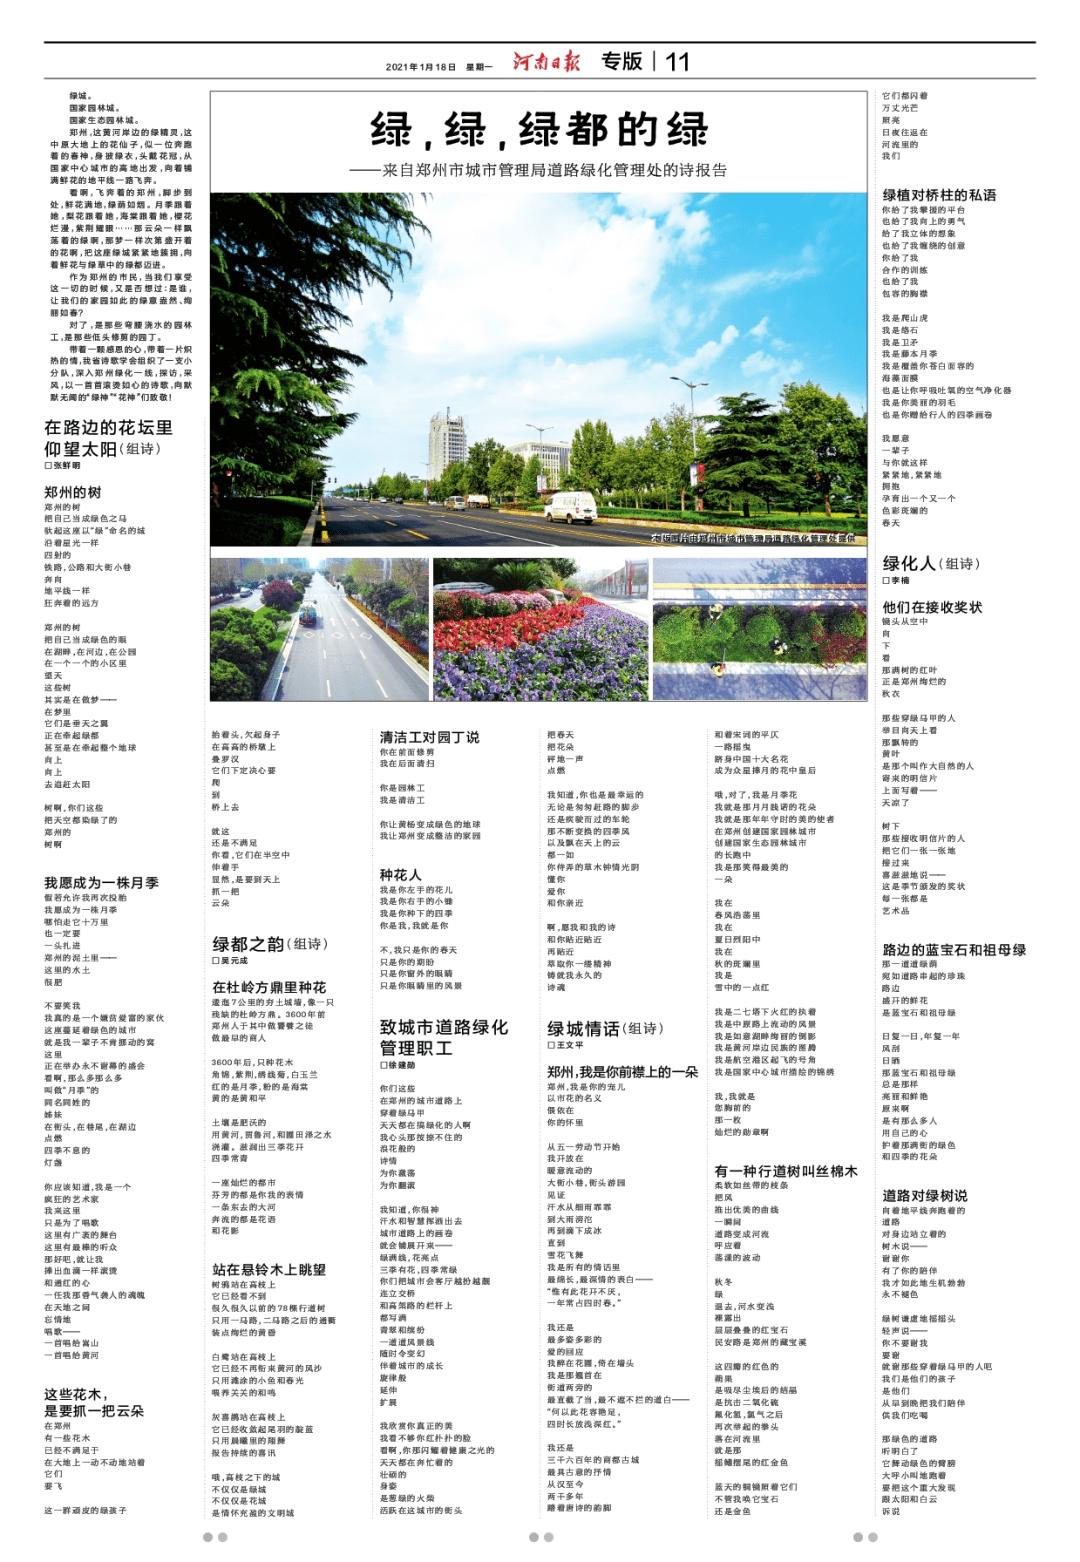 绿,绿,绿都的绿——来自郑州市城市管理局道路绿化管理处的诗报告